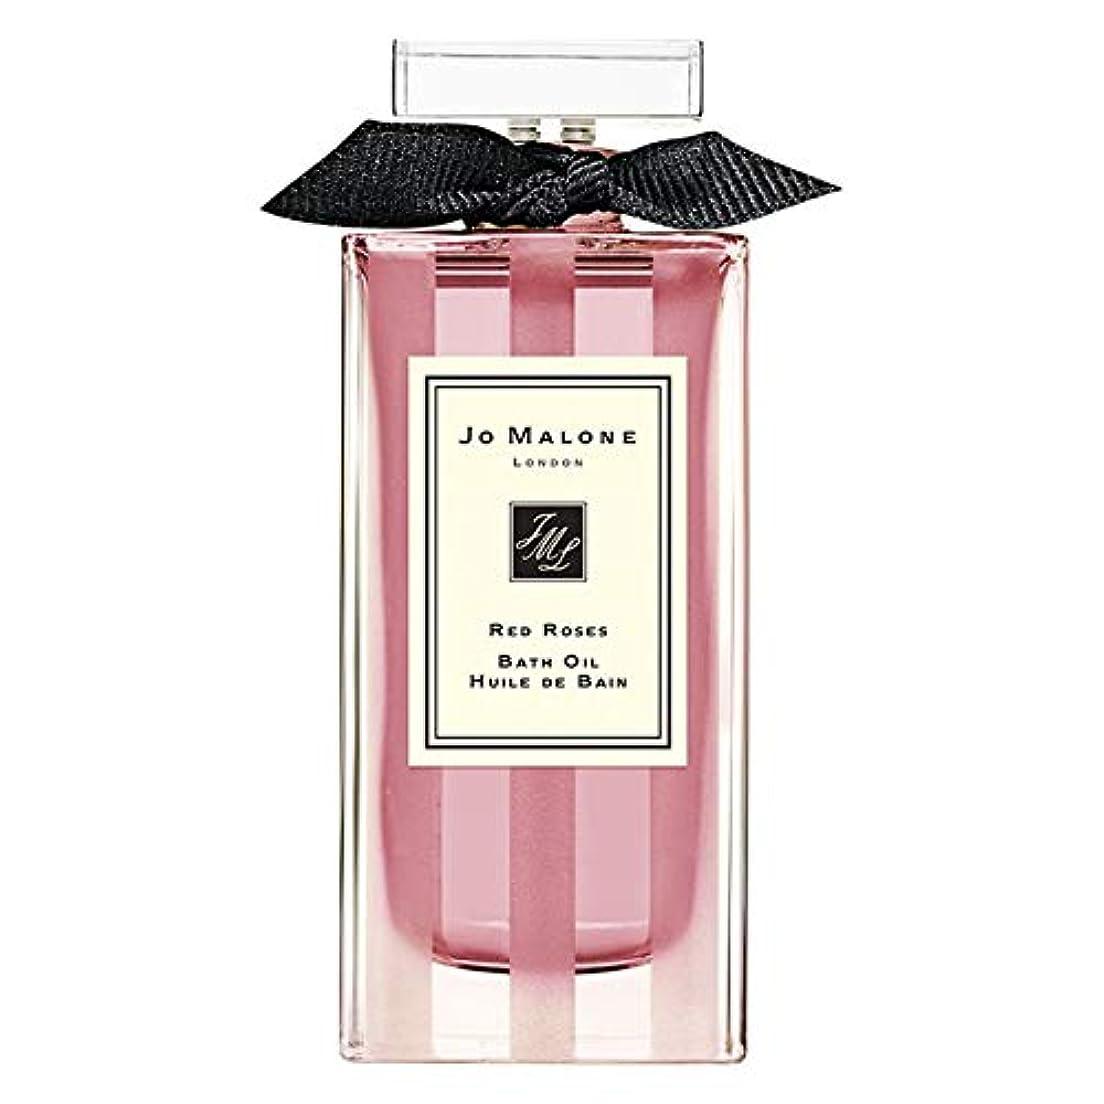 人事出版バー[Jo Malone] ジョーマローンロンドンの赤いバラバスオイル30ミリリットル - Jo Malone London Red Roses Bath Oil 30ml [並行輸入品]